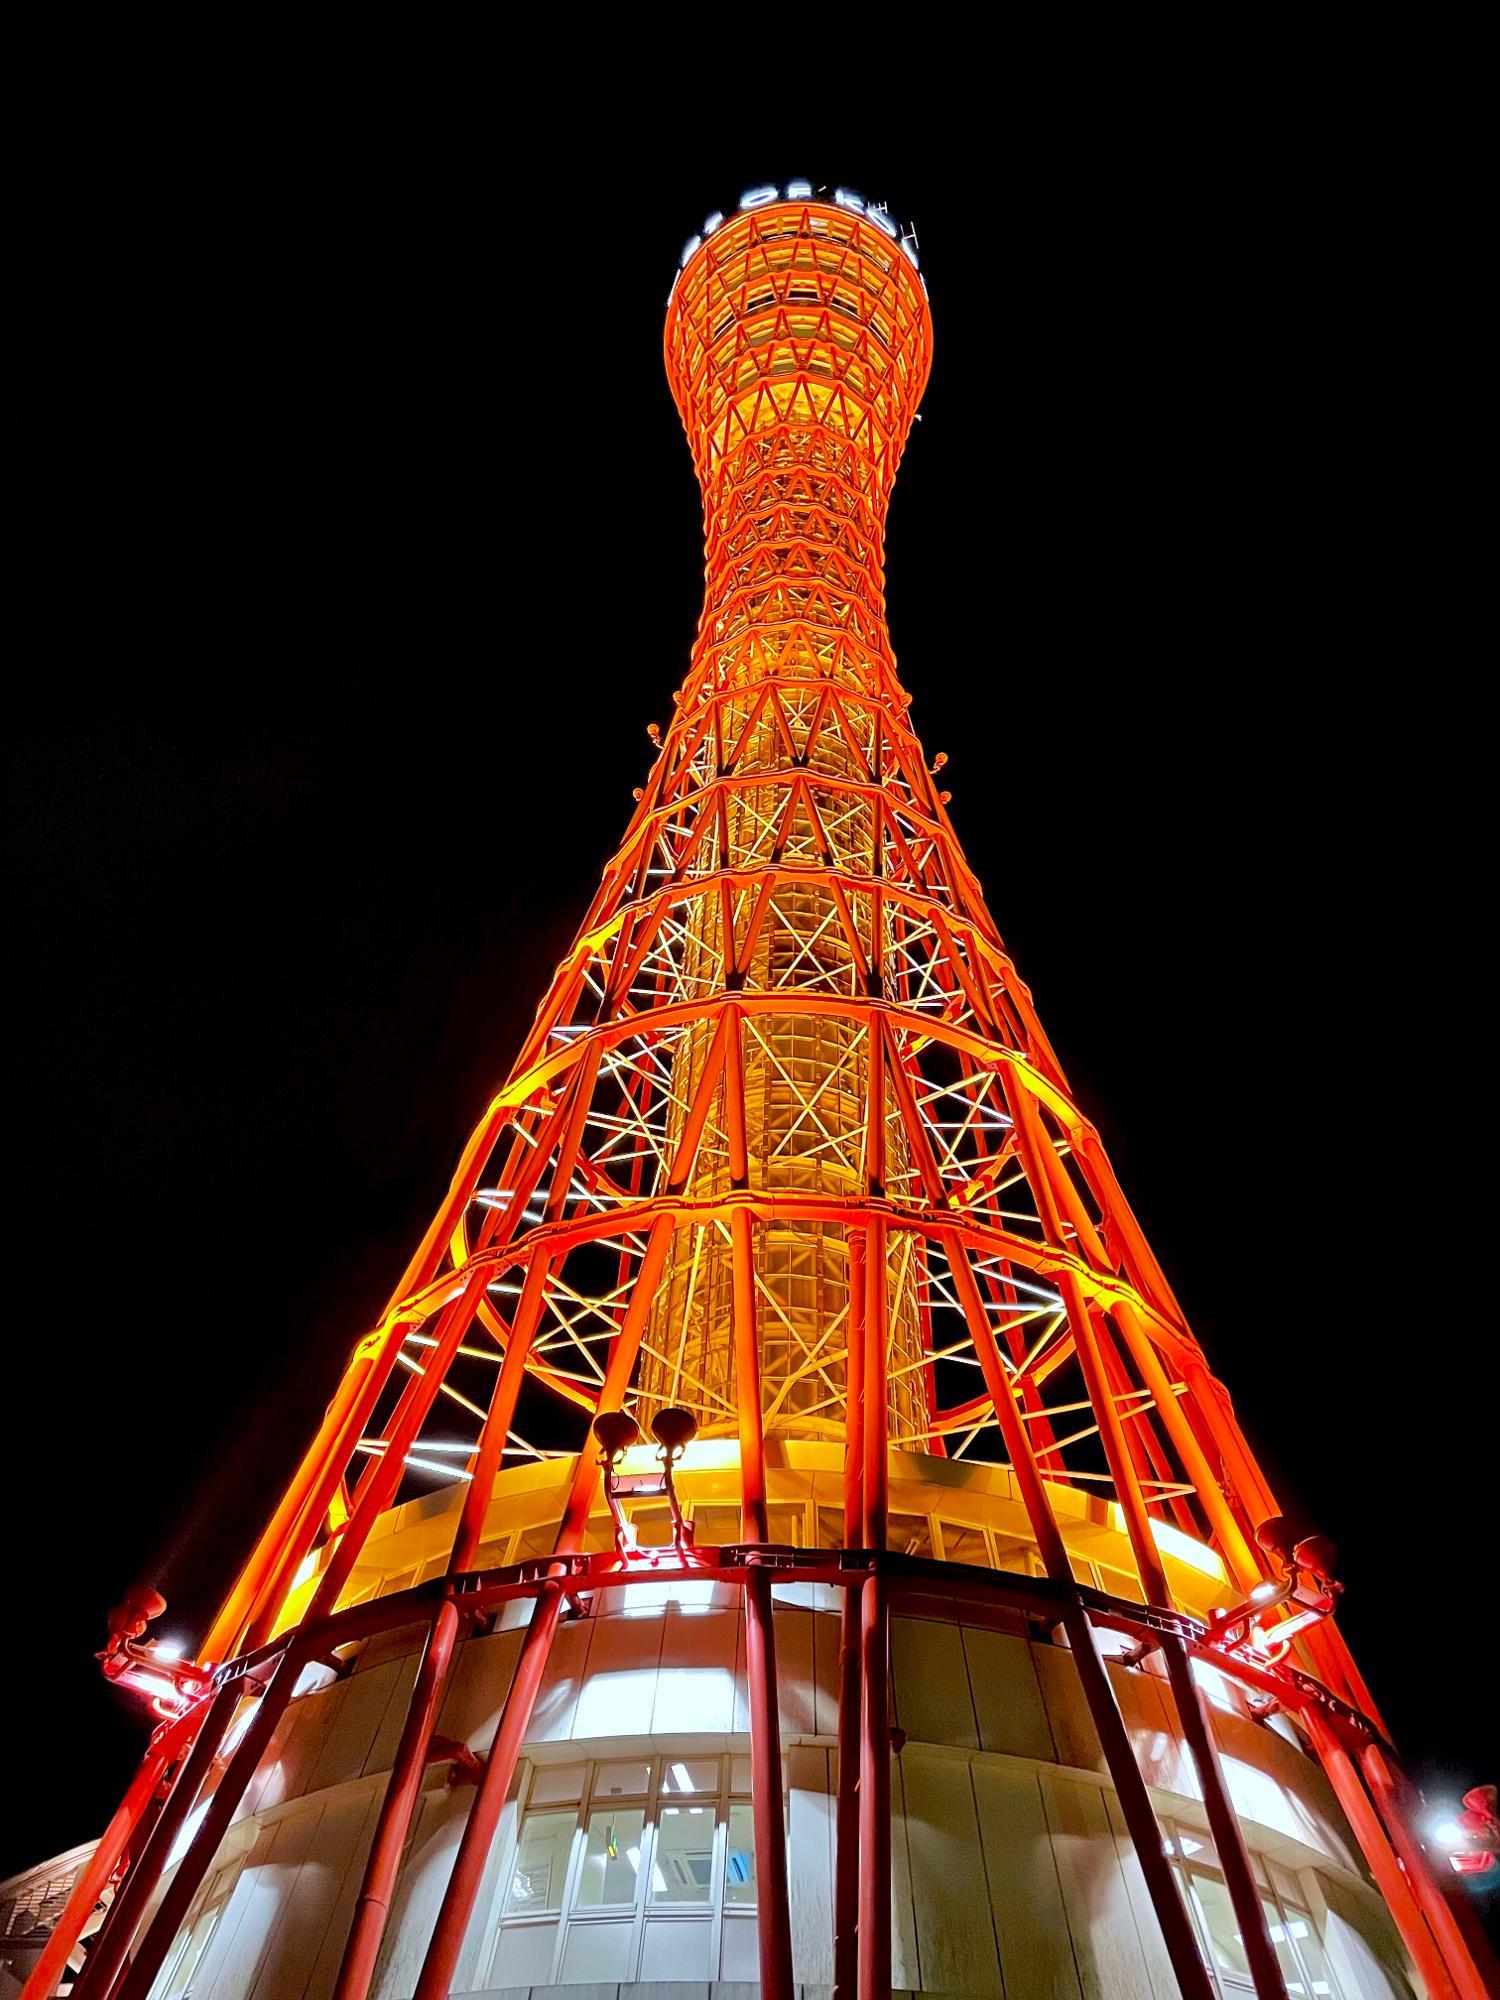 この曲線の柔らかさ、色合い、本当に美しいポートタワー